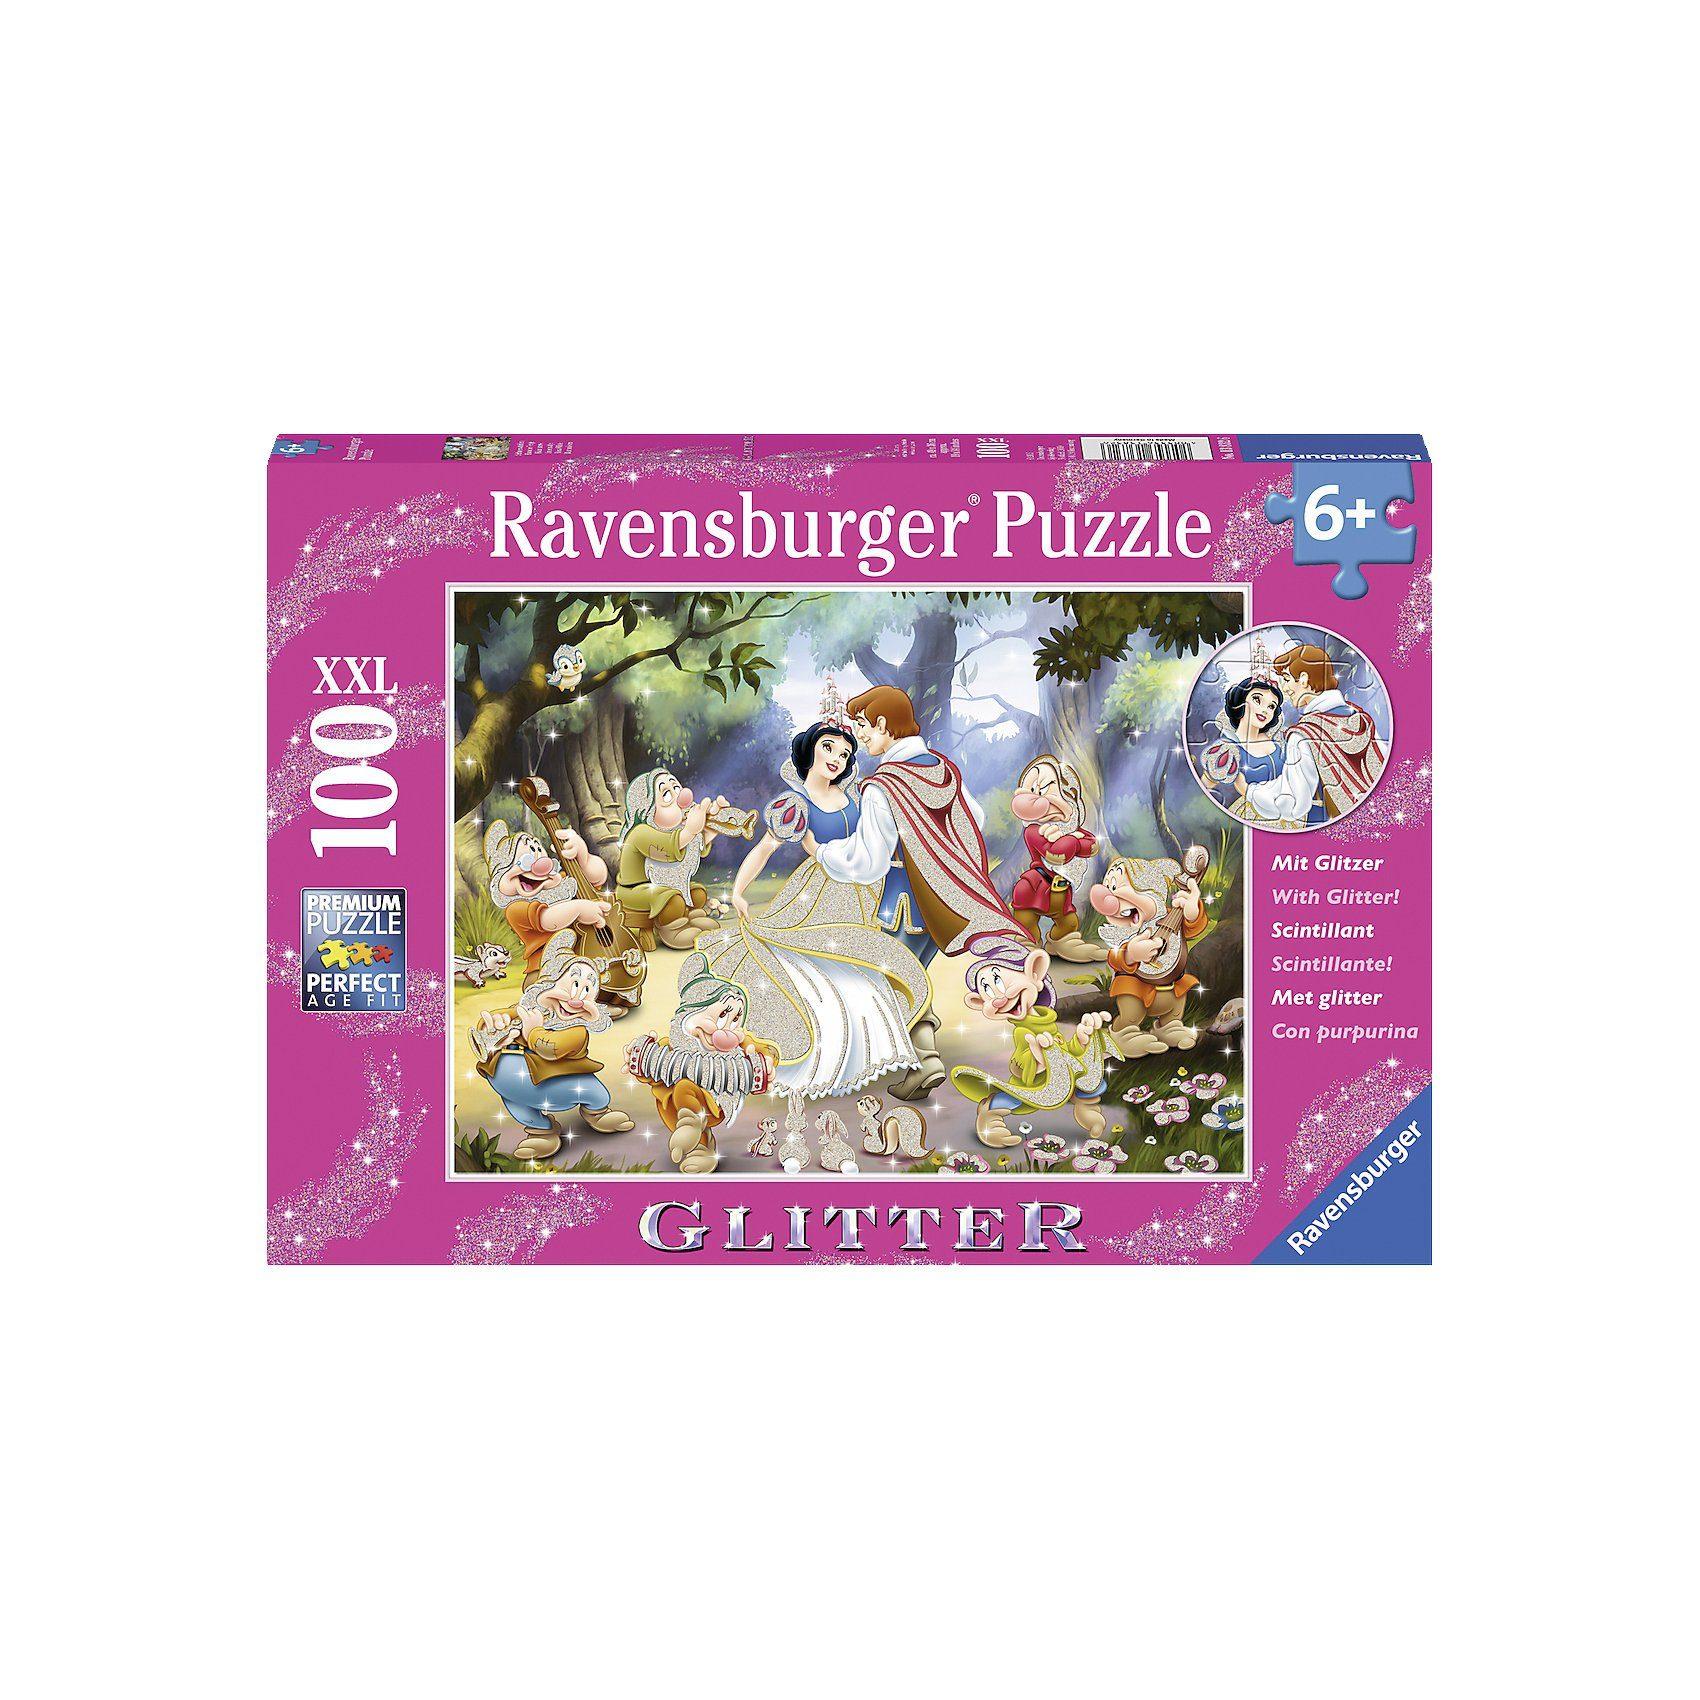 Ravensburger Puzzle XXL Glitter 100 Teile Schneewittchen